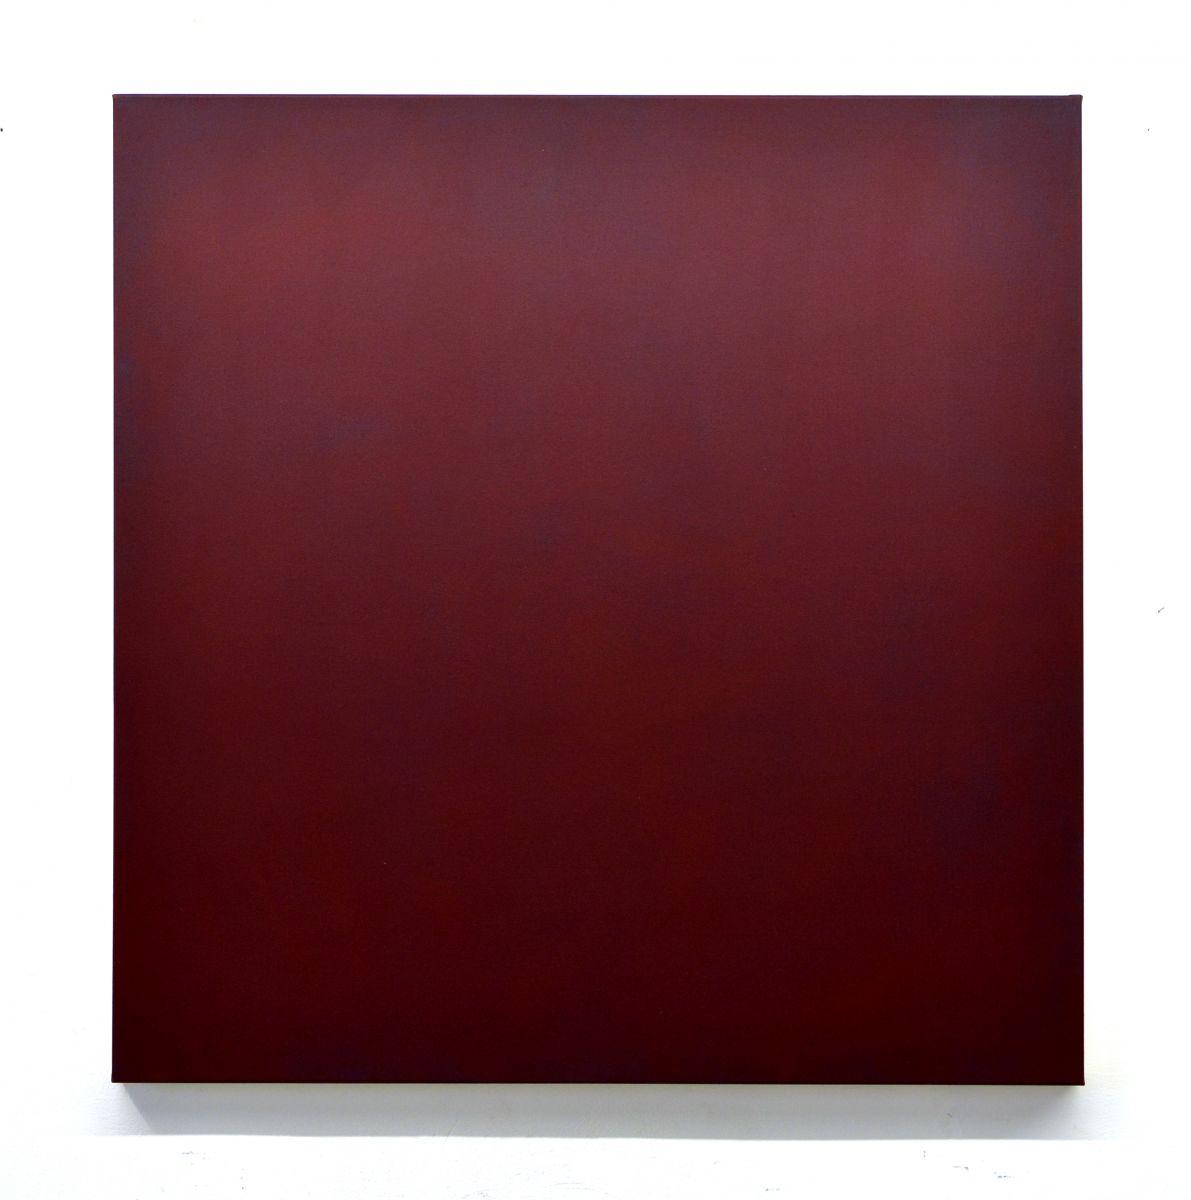 red-eder-art-painting-vienna-eder art